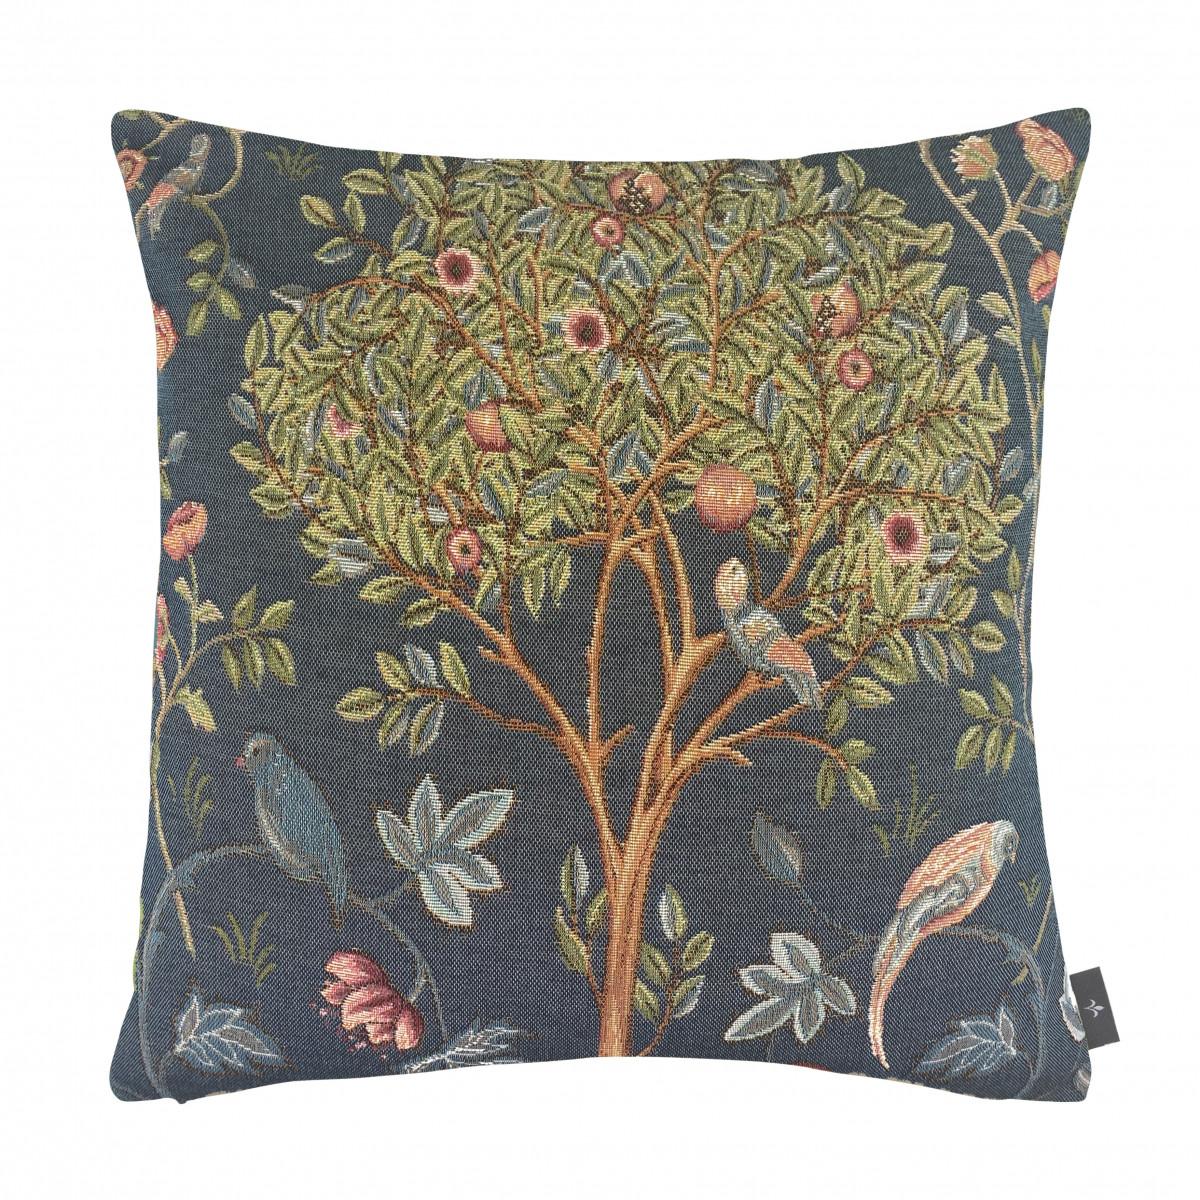 Coussin tapisserie kelmscott tree made in france bleu   50x50